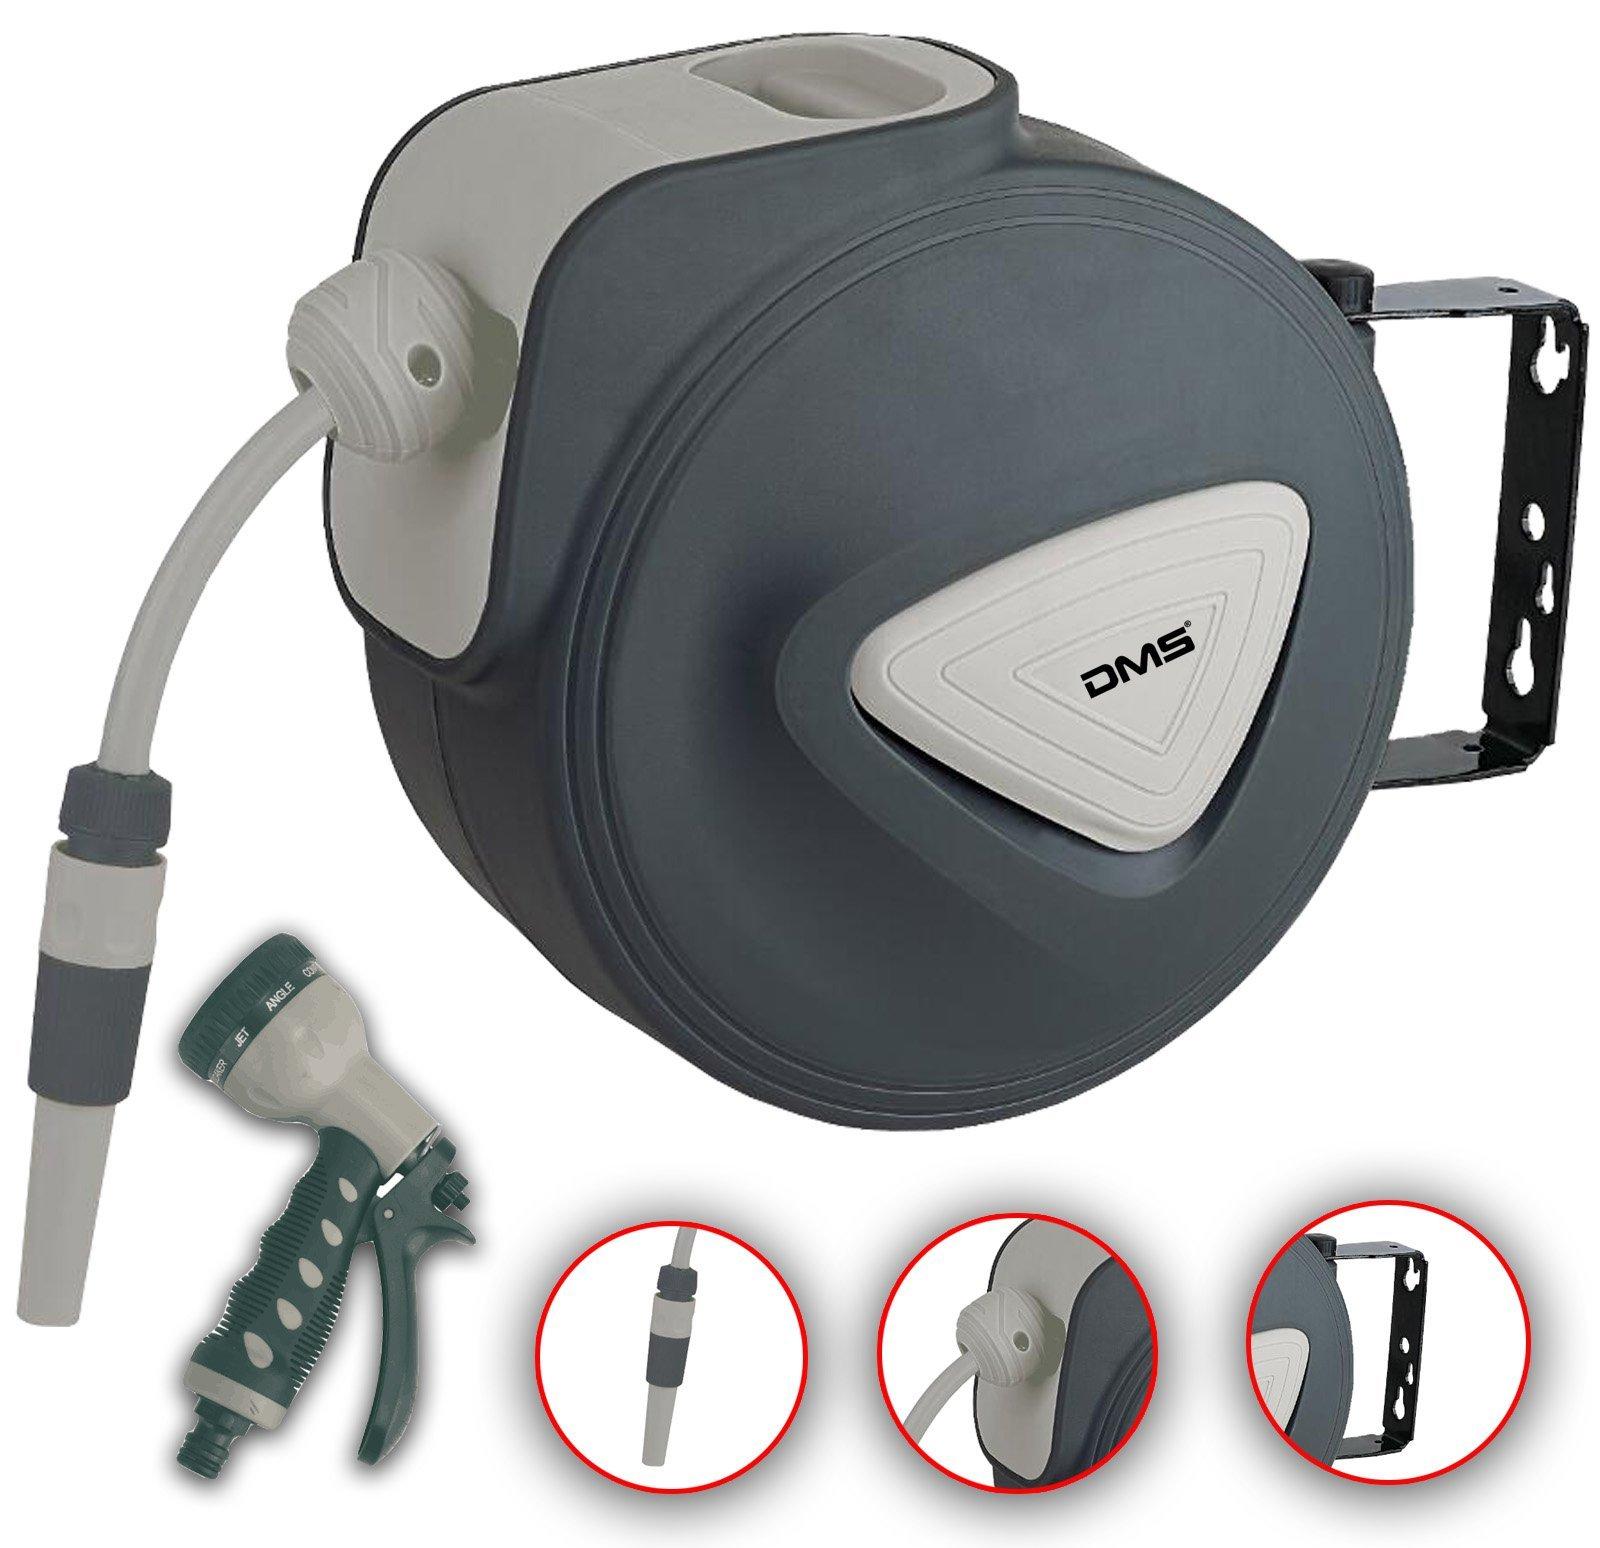 DMS Schlauchaufroller Gartenschlauchtrommel Wasserschlauchaufroller Schlauchtrommel Automatik inkl. Bewässerungsbrause…